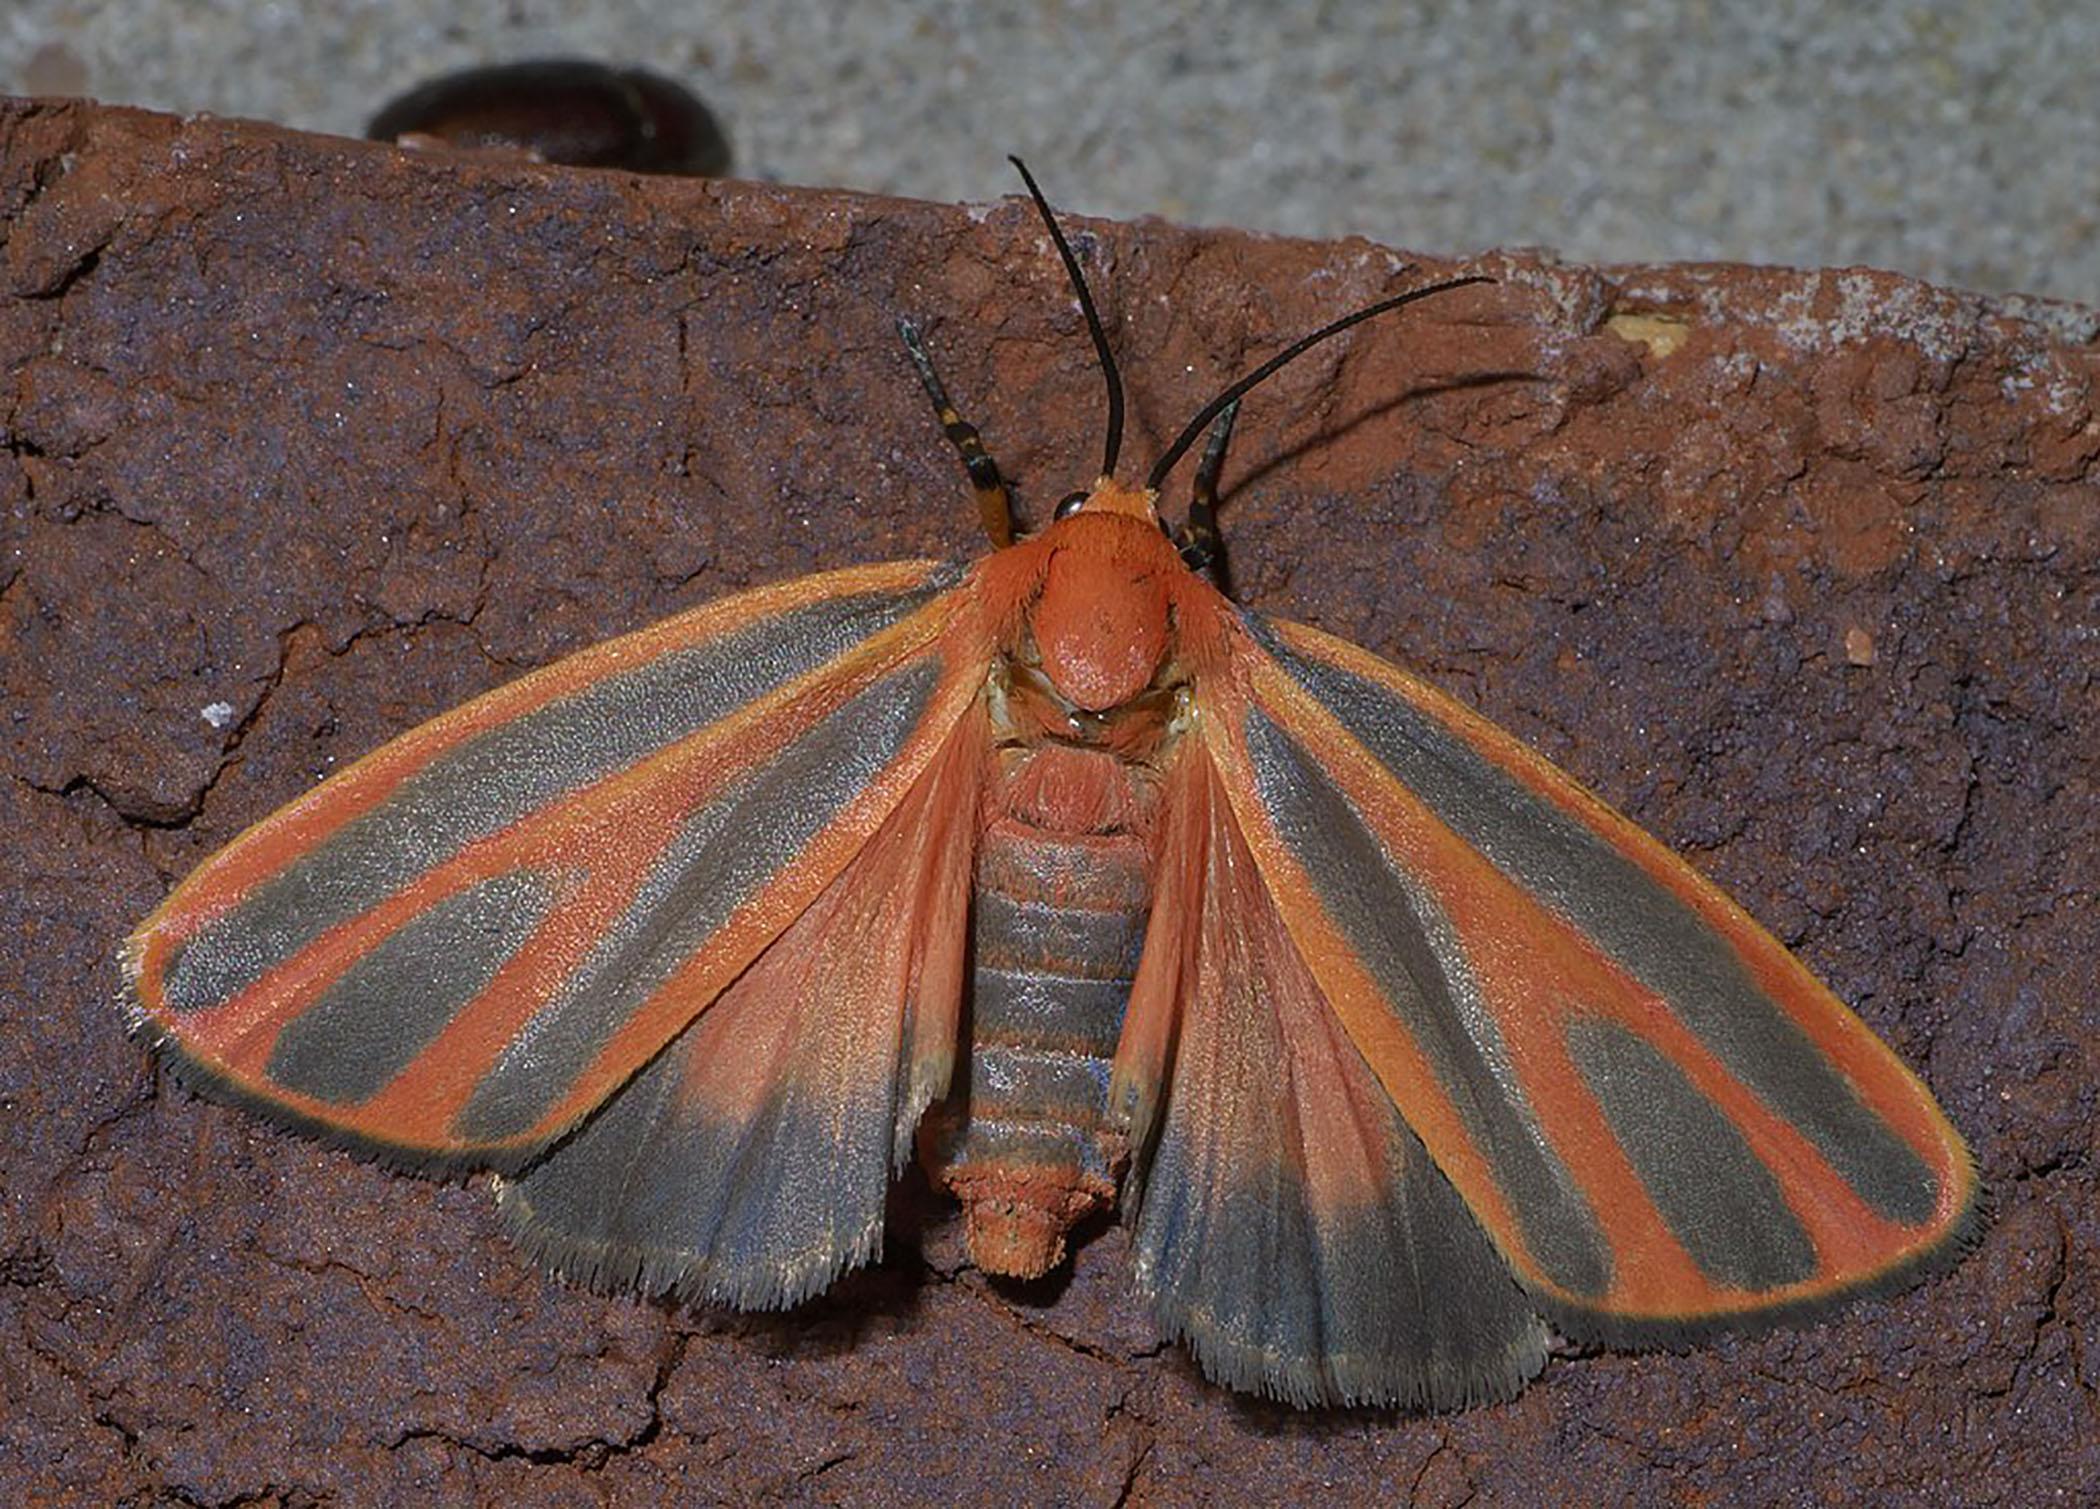 Scarlet-winged lichen moth